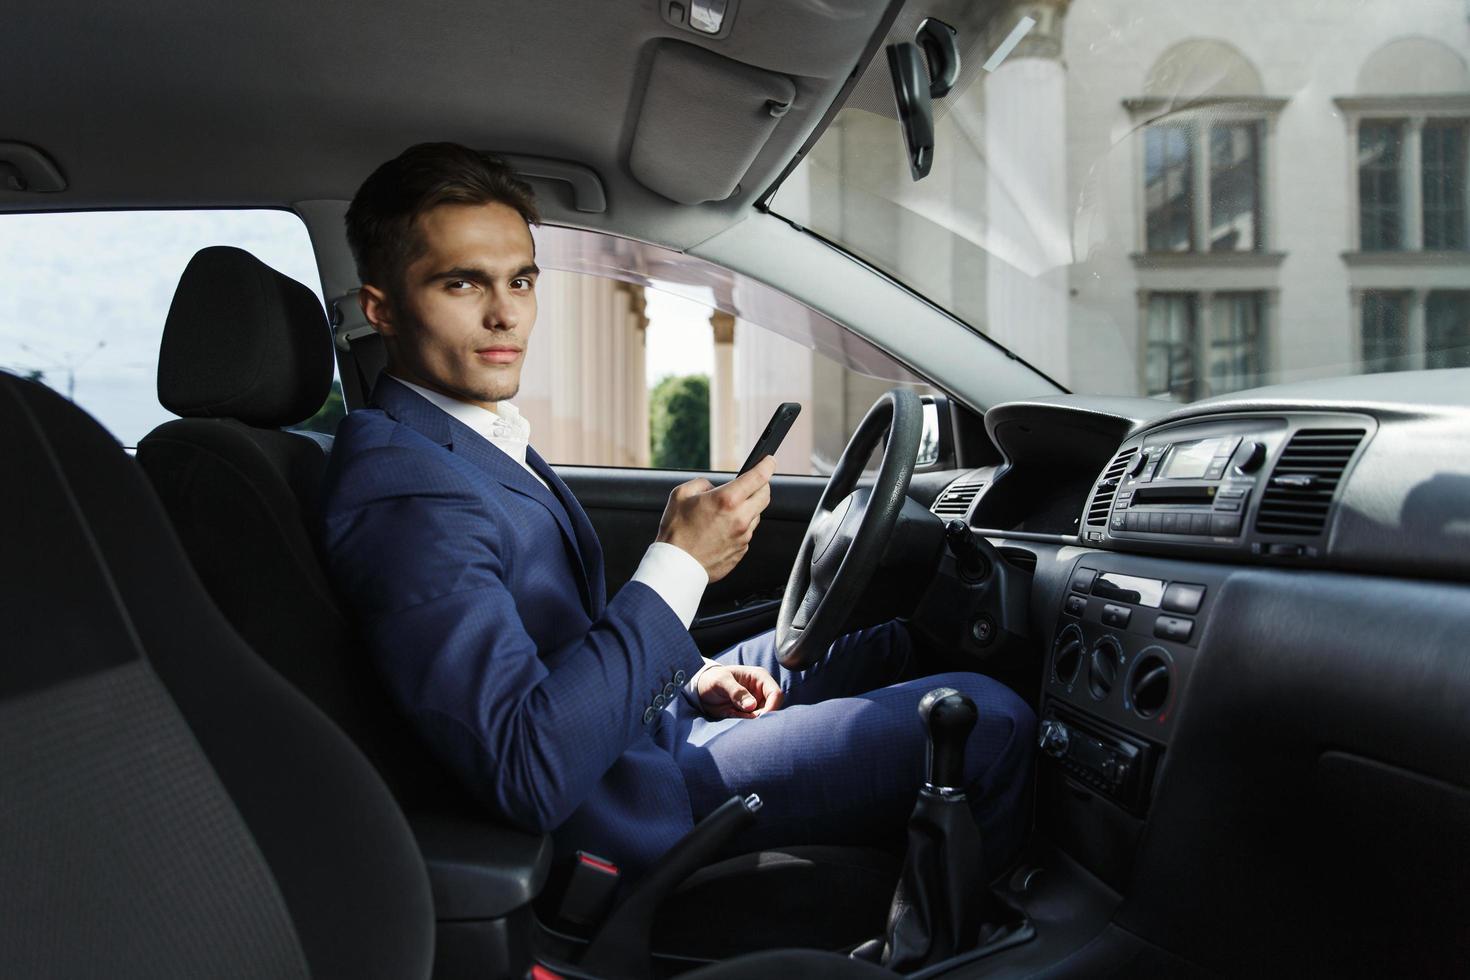 Der lächelnde Geschäftsmann sitzt im Auto und arbeitet mit seinem Smartphone foto